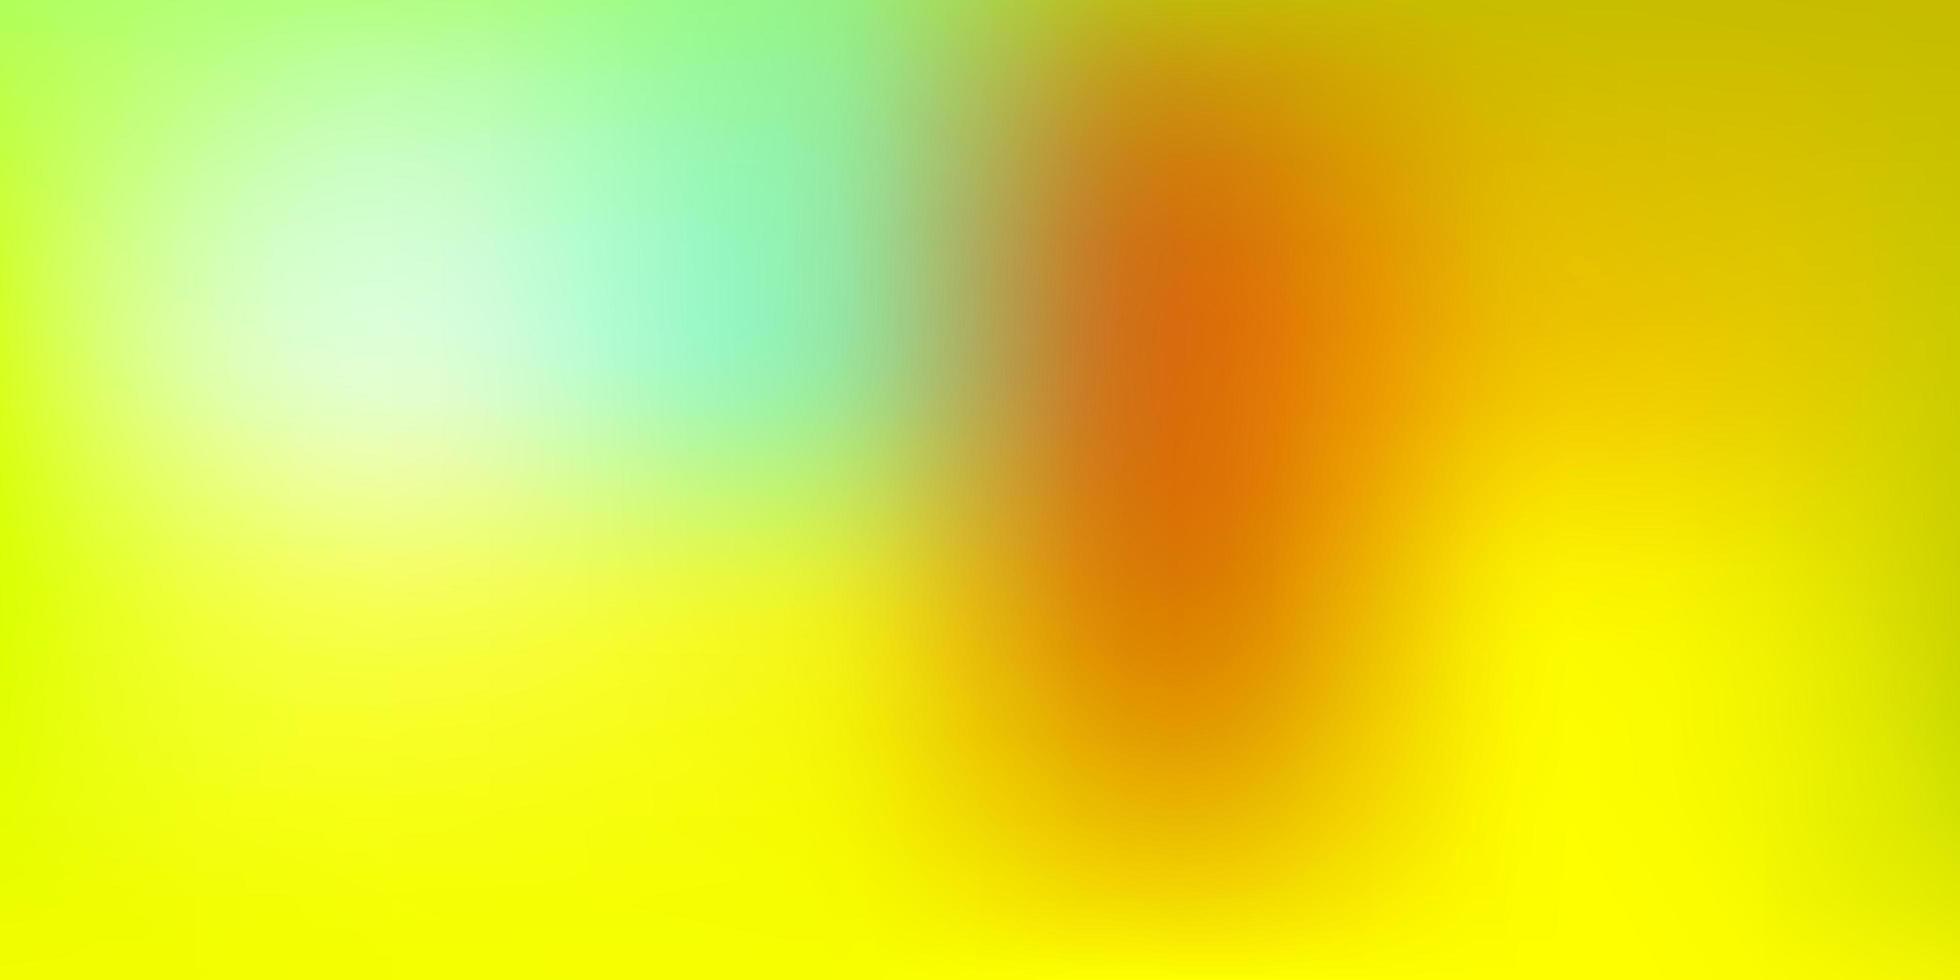 verde chiaro, giallo vettore astratto sfocatura texture.